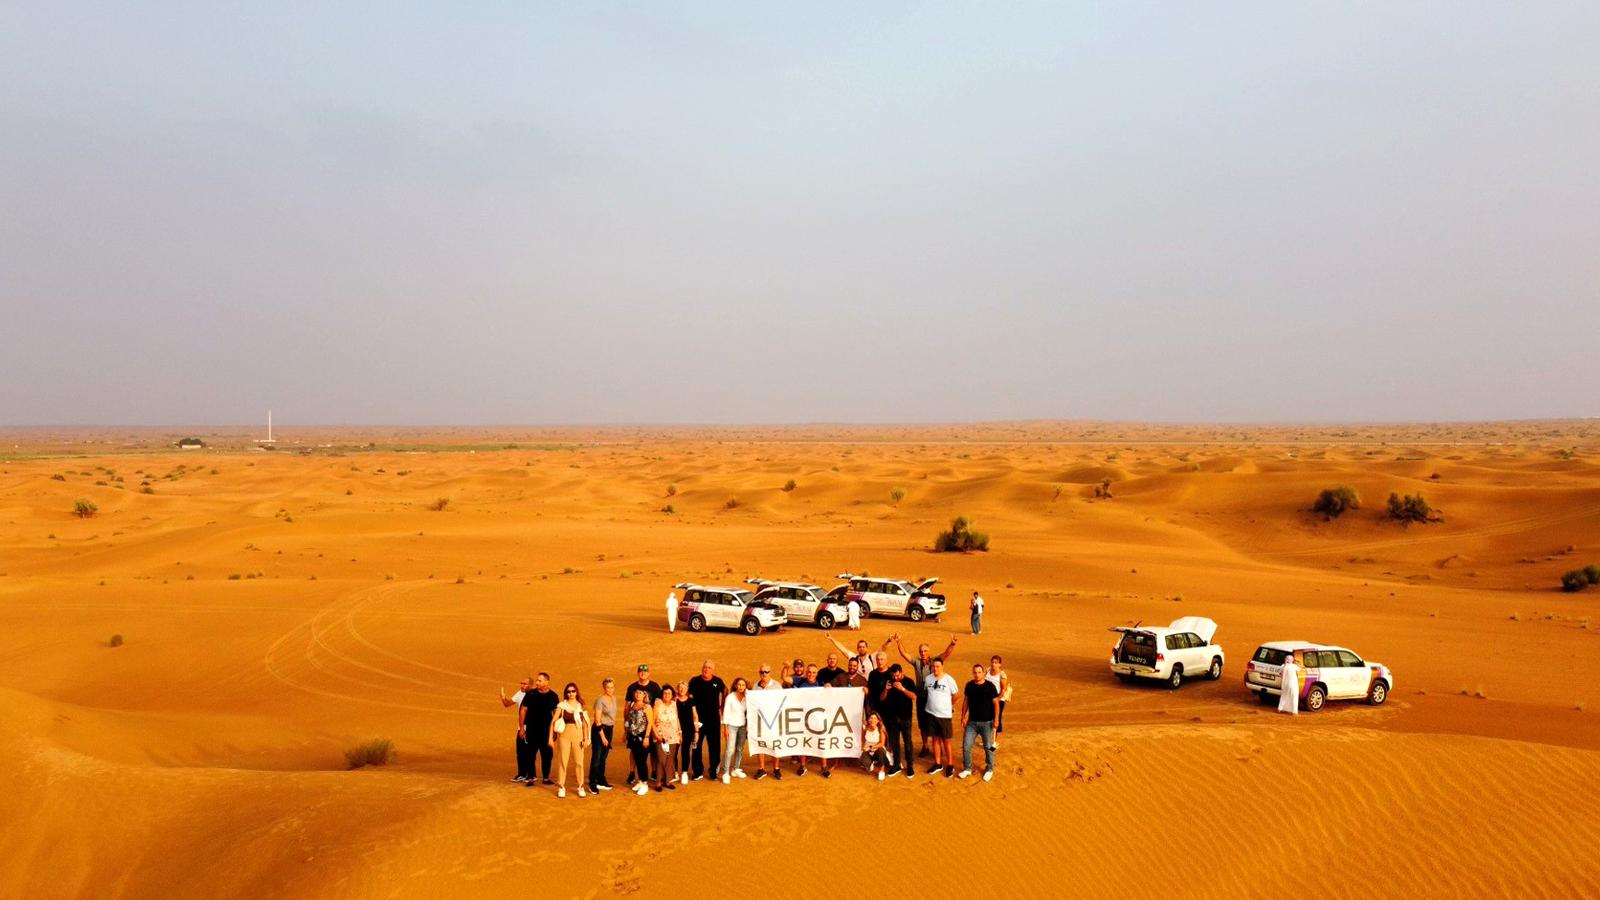 Ταξίδι επιβράβευσης των συνεργατών της Mega Brokers στο Ντουμπάι